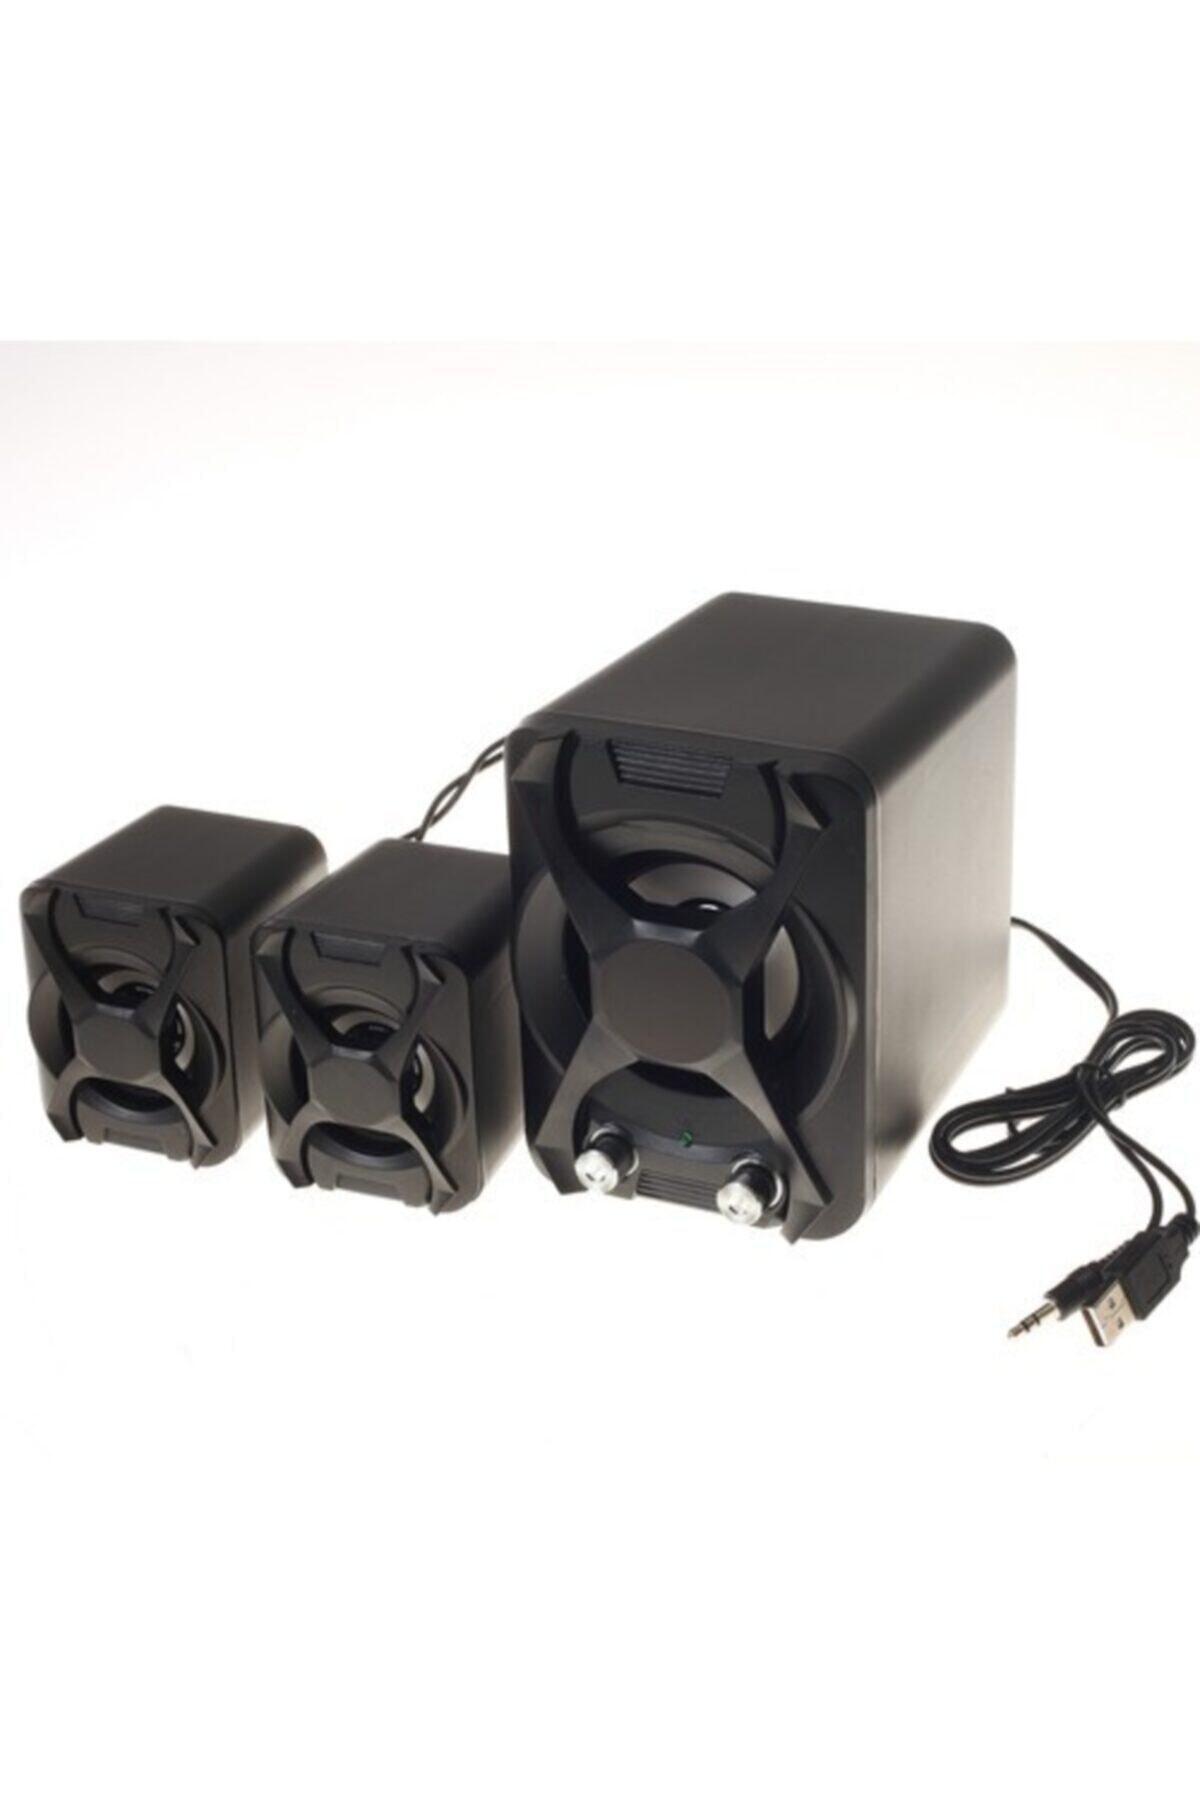 Platoon Pl-4243 Mini 2+1 Usb Multimedia Speaker 1